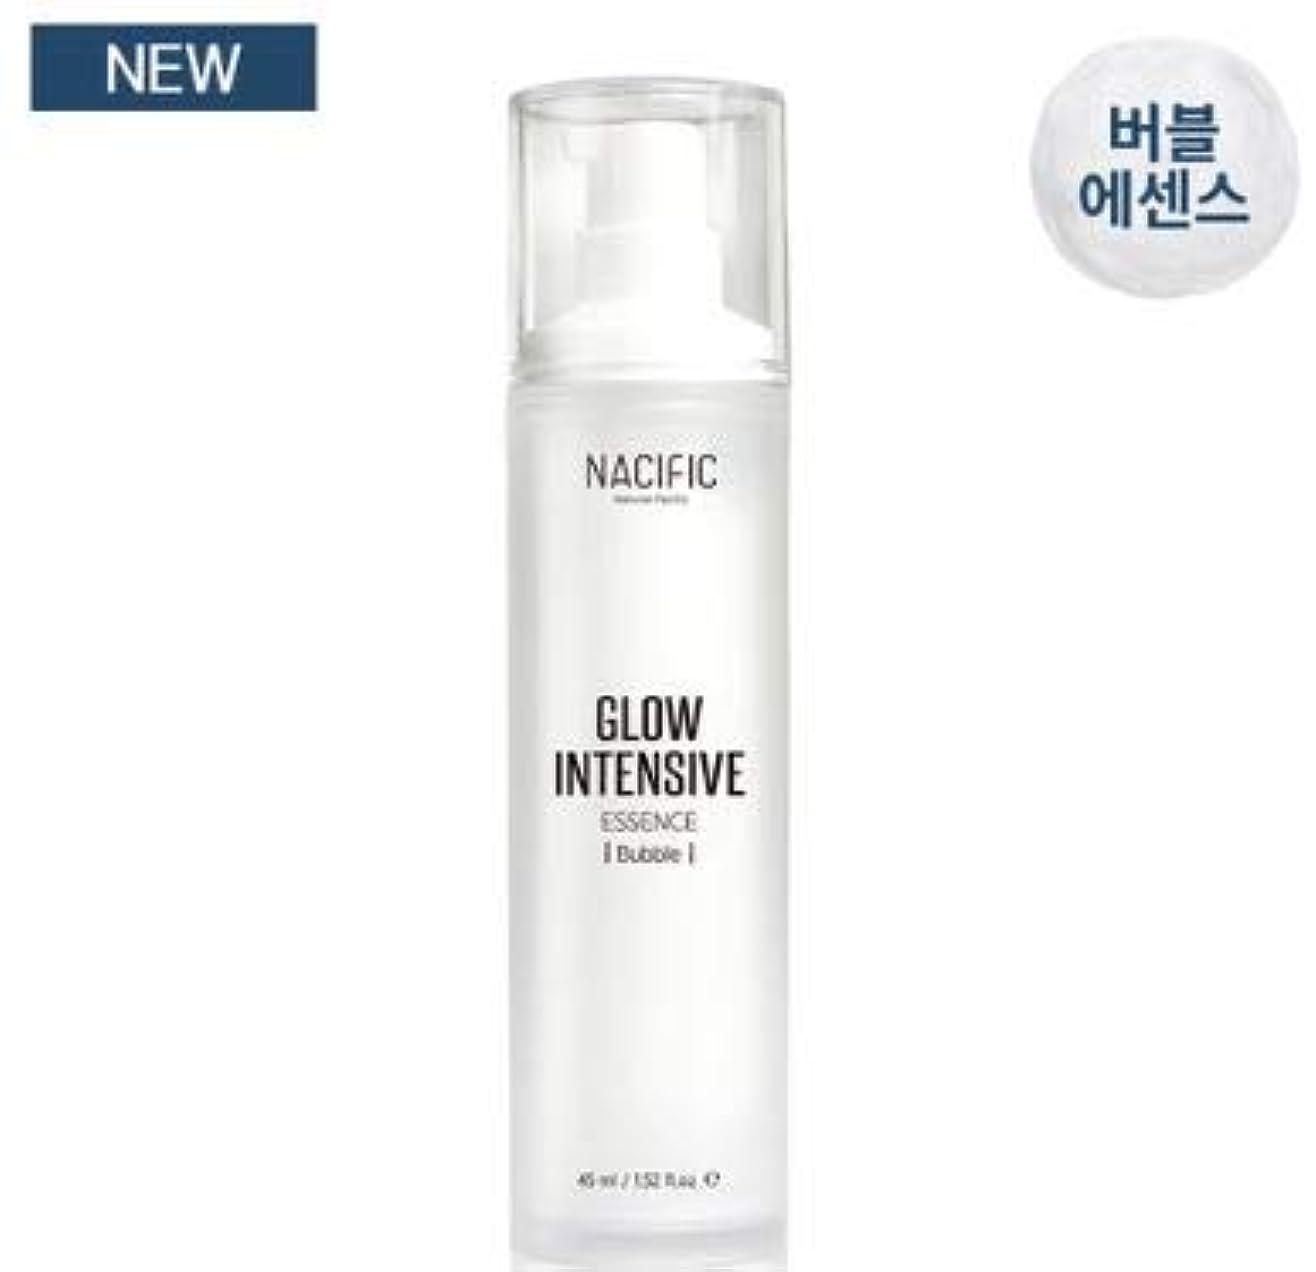 デッドマークダウン硫黄[NACIFIC] Glow Intensive Bubble Essence 45ml/[ナシフィック]グローインテンシブバブルエッセンス45ml [並行輸入品]